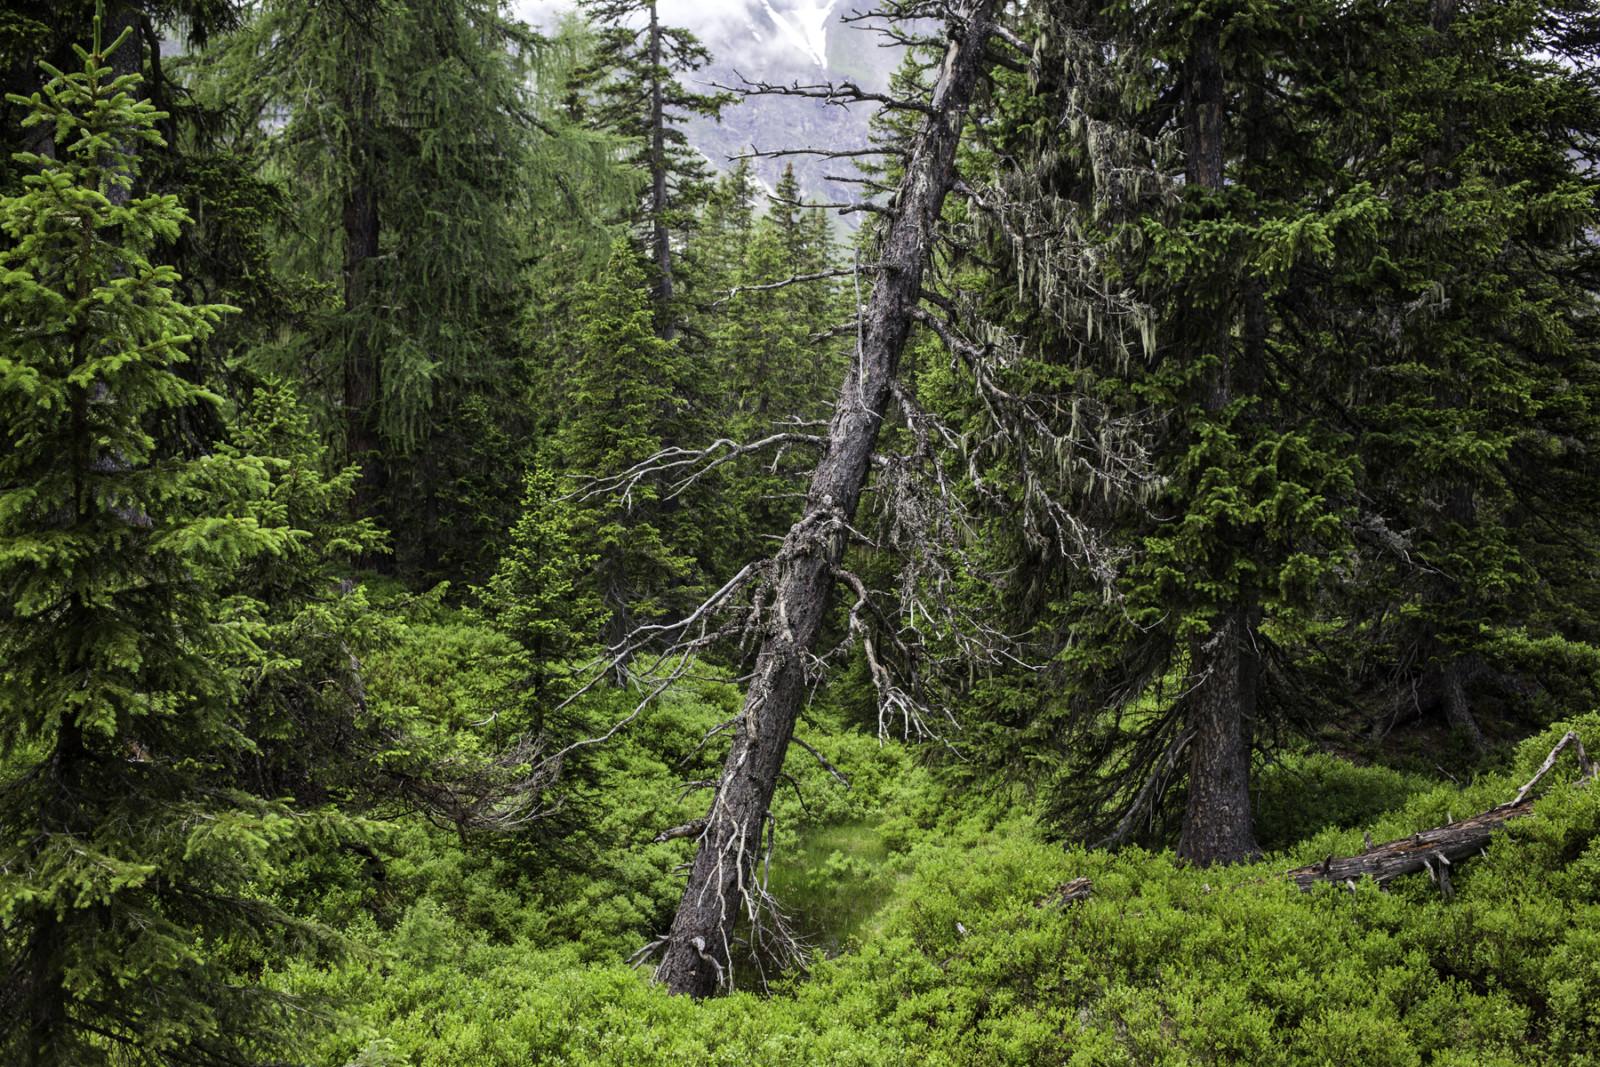 c TVB Rauris/Florian Bachmeier Ein uralter Baumbestand prägt das Erscheinungsbild.